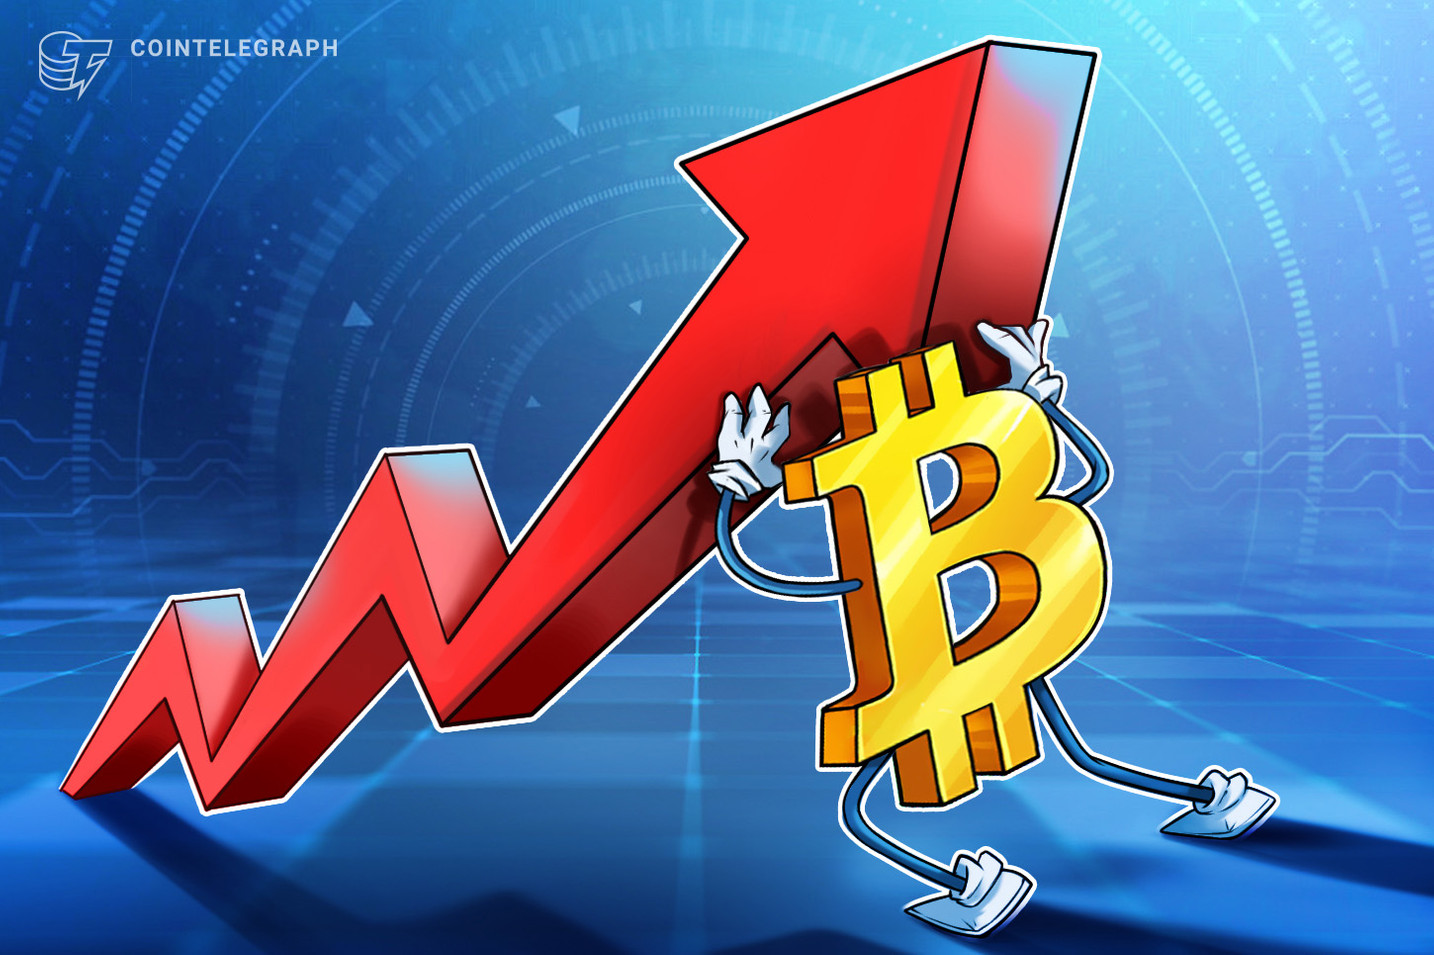 El precio de Bitcoin se prepara para alcanzar los 12,900 dólares después de volver a probar un nivel de soporte clave